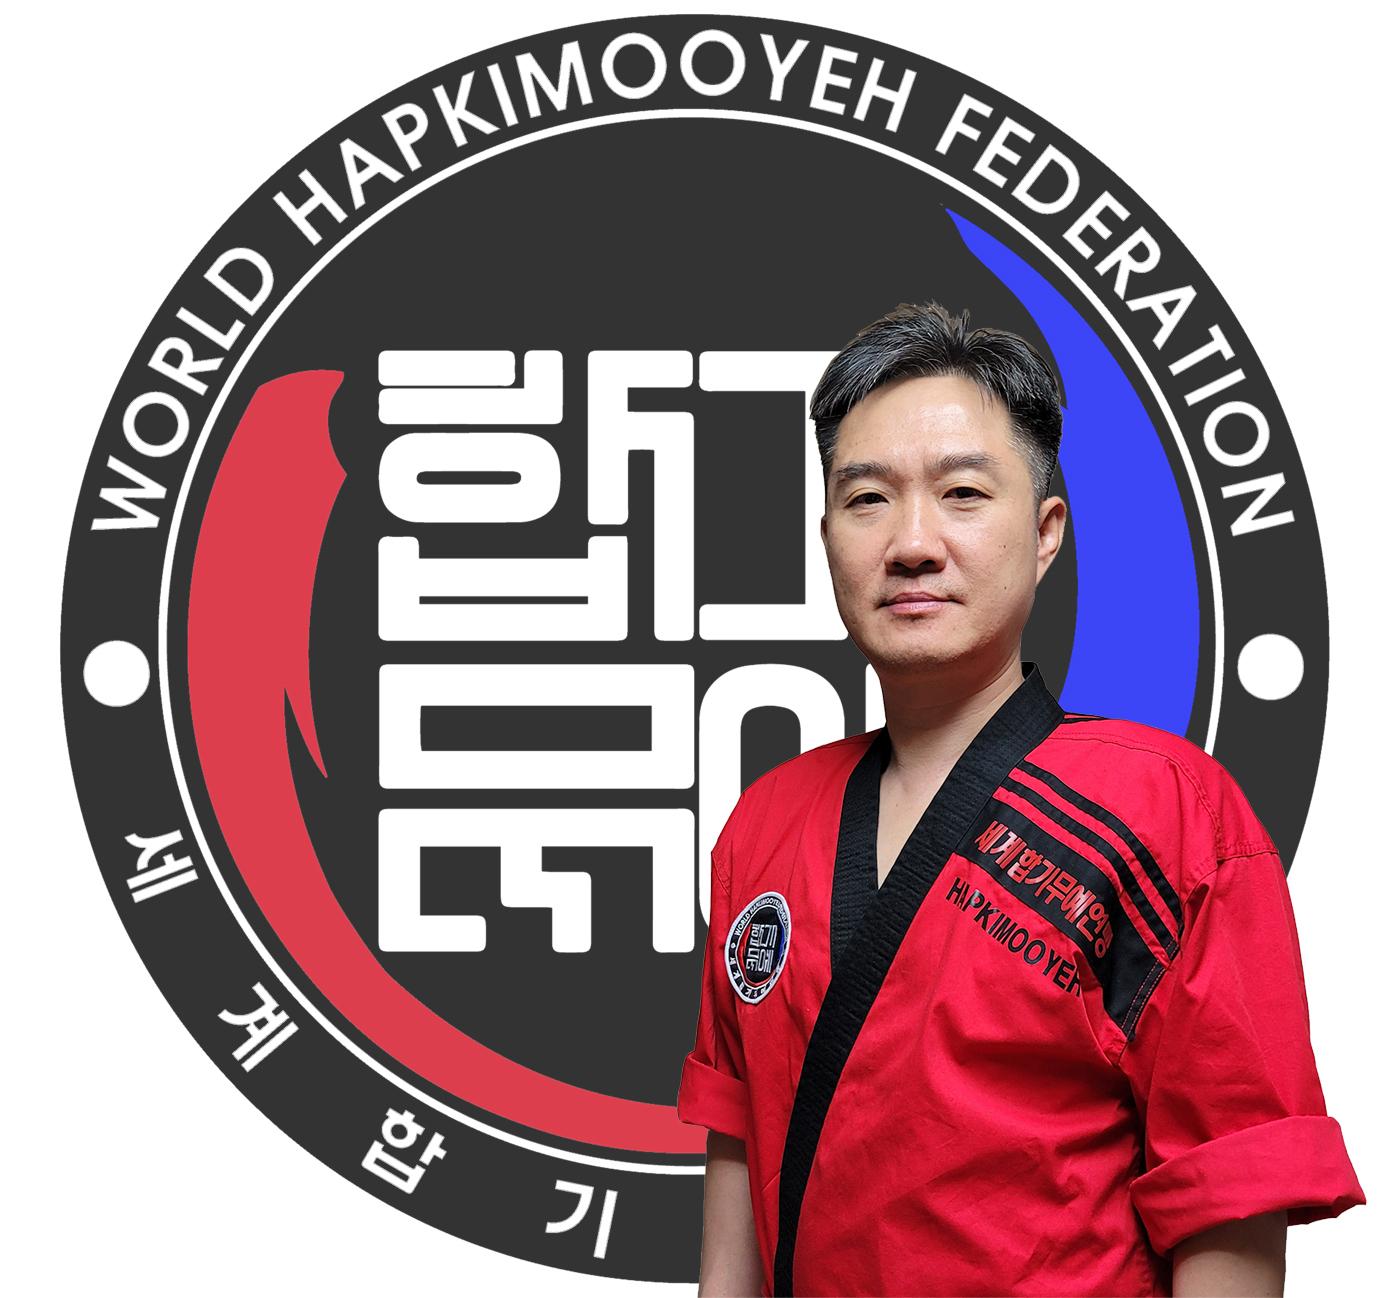 Hak Yoon Lee